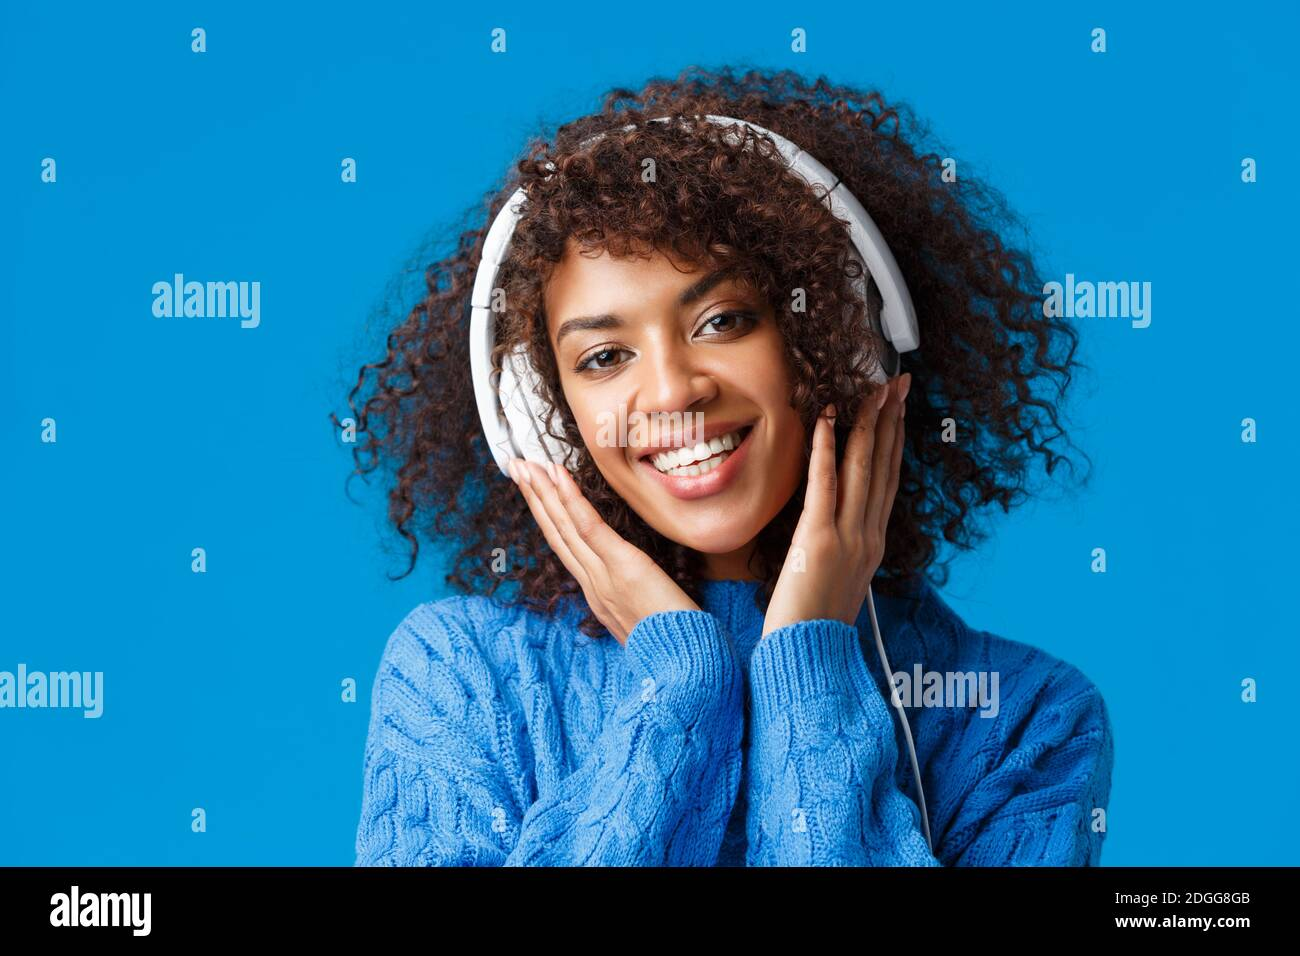 Primo piano hipster ritratto attraente afro-americana donna con capelli ricci, indossa le cuffie e sorridendo, godendo la musica, Foto Stock